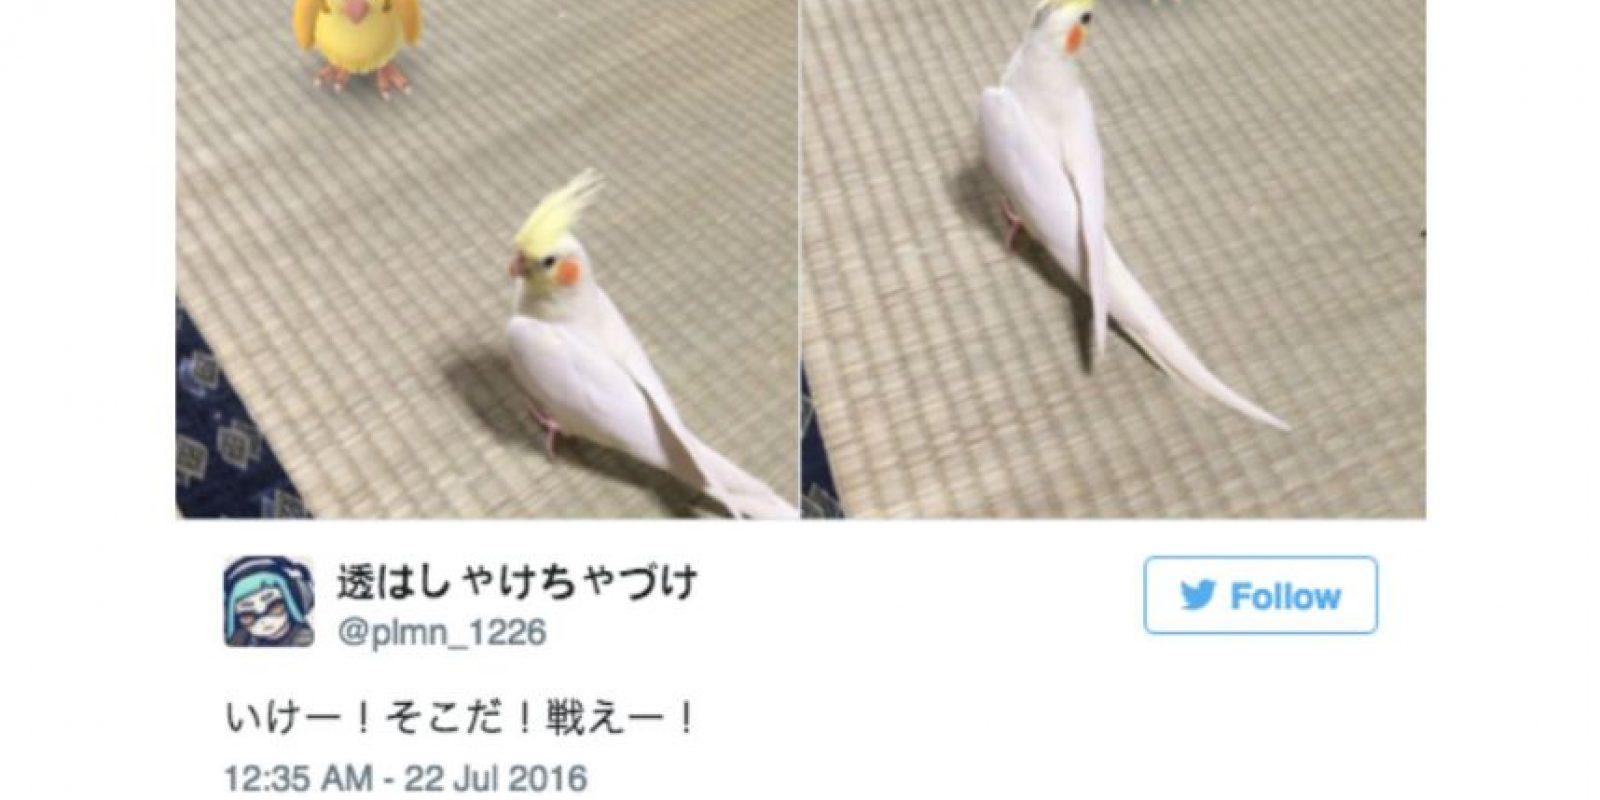 Los japoneses realmente creen que sus mascotas pueden ver a los pokémon. Foto:Twitter